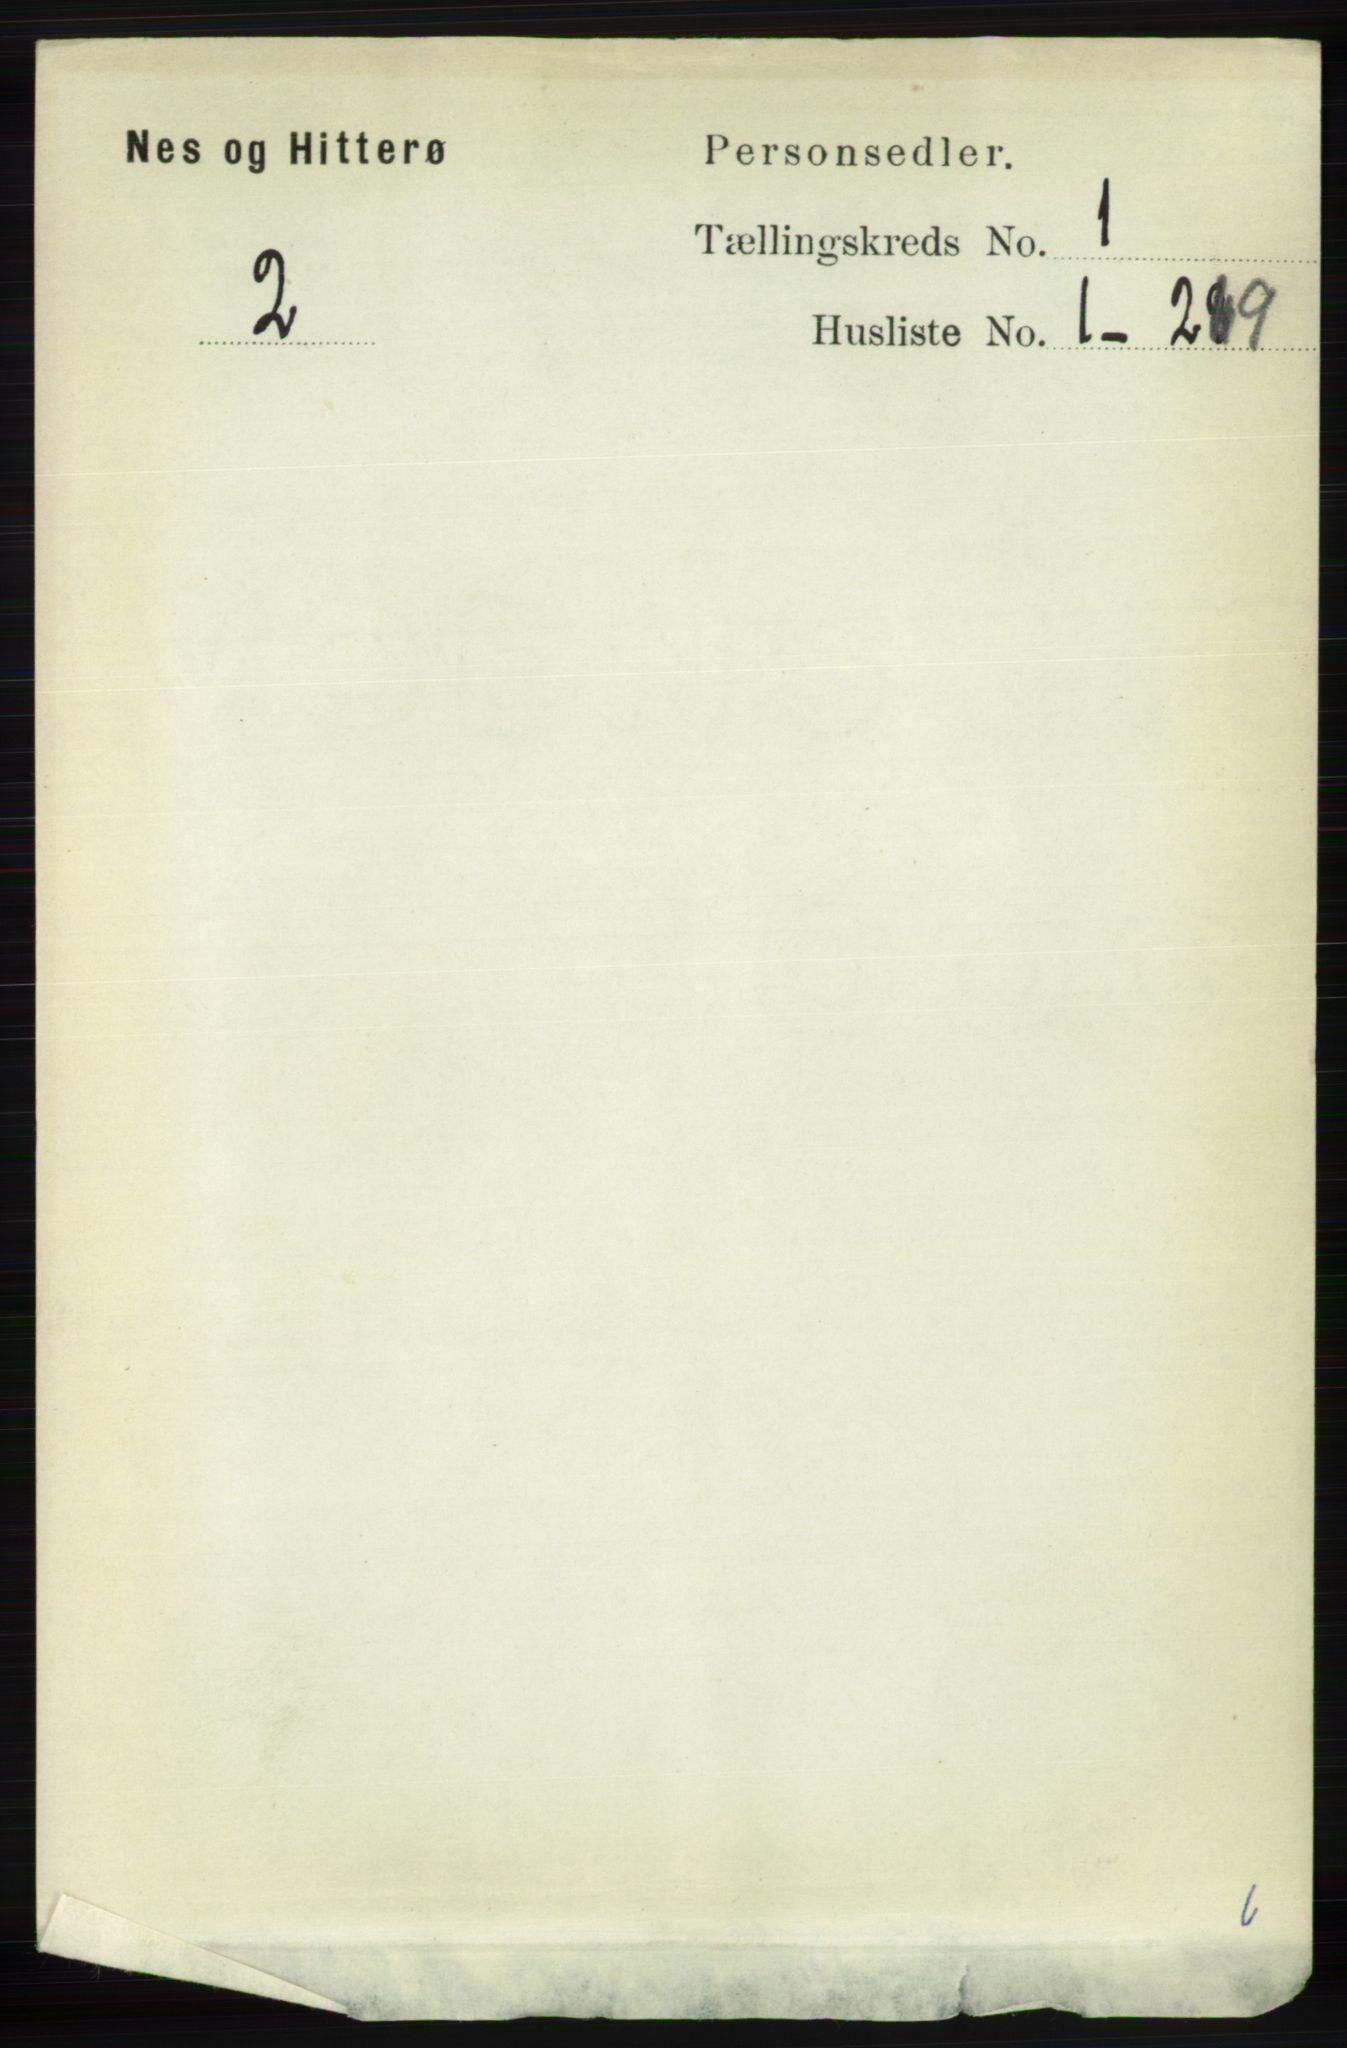 RA, Folketelling 1891 for 1043 Hidra og Nes herred, 1891, s. 97